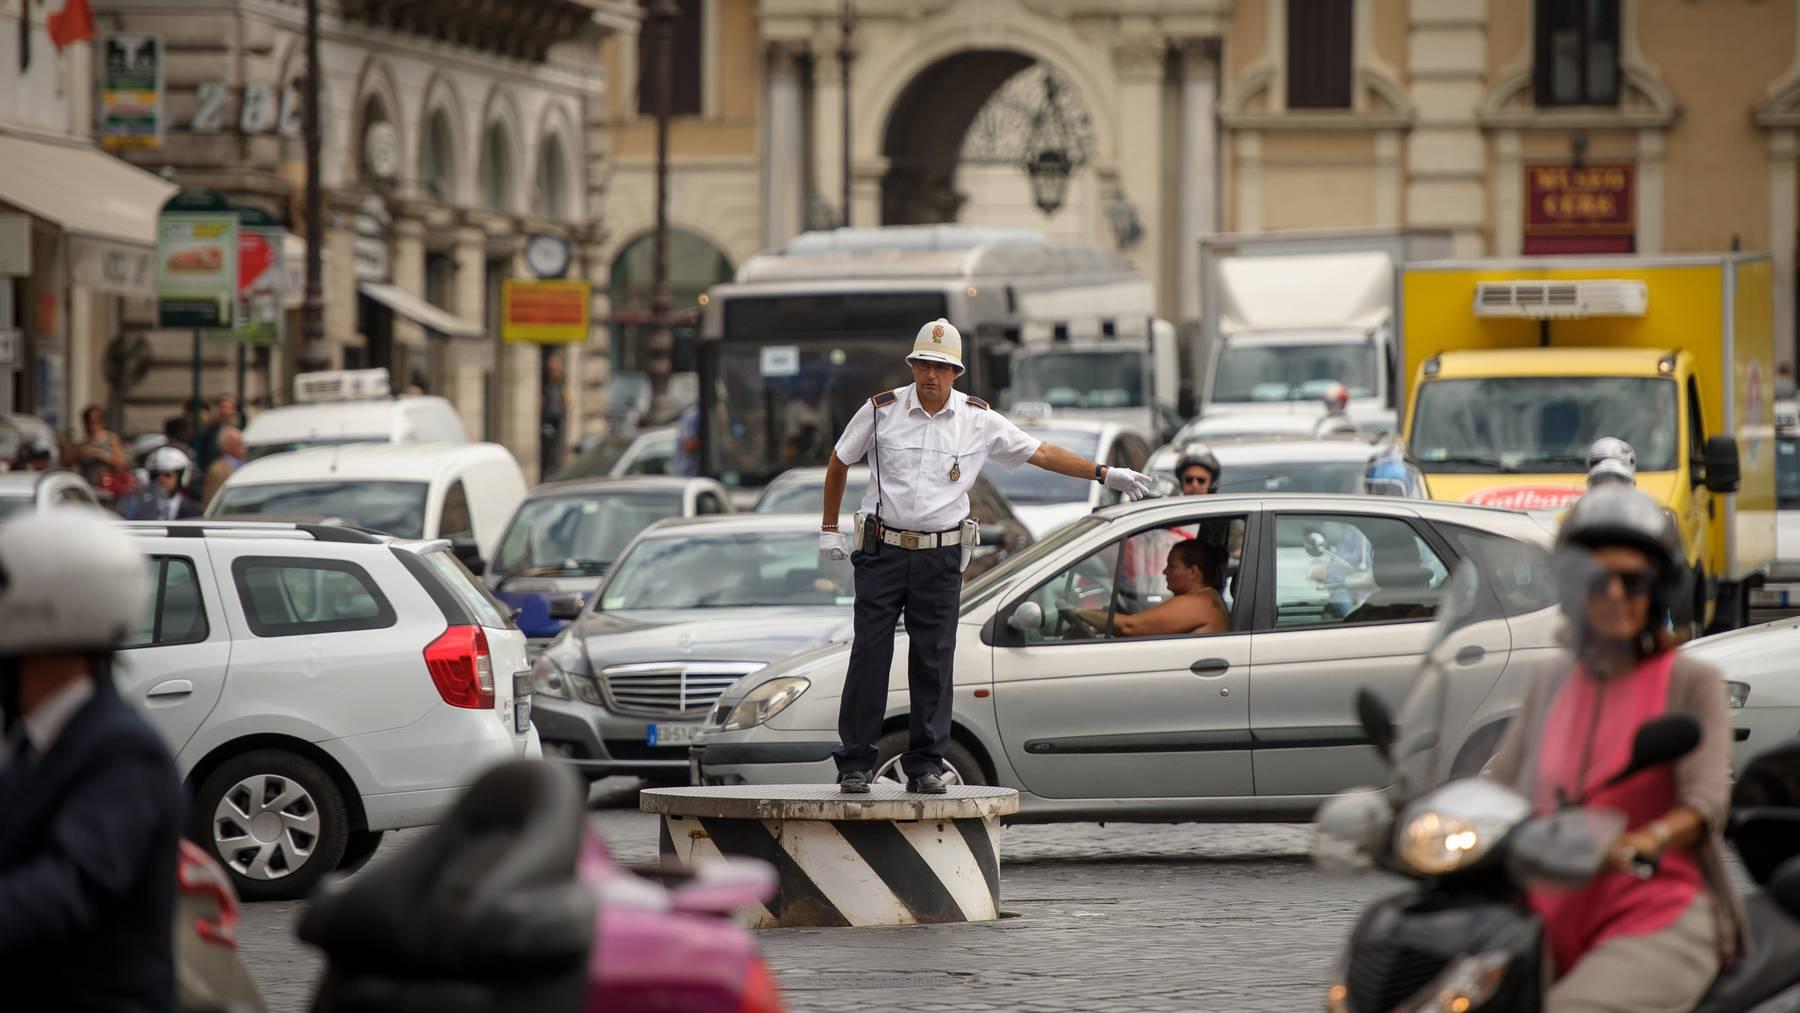 Autofahren in Rom ist ziemlich kompliziert. (Archiv)